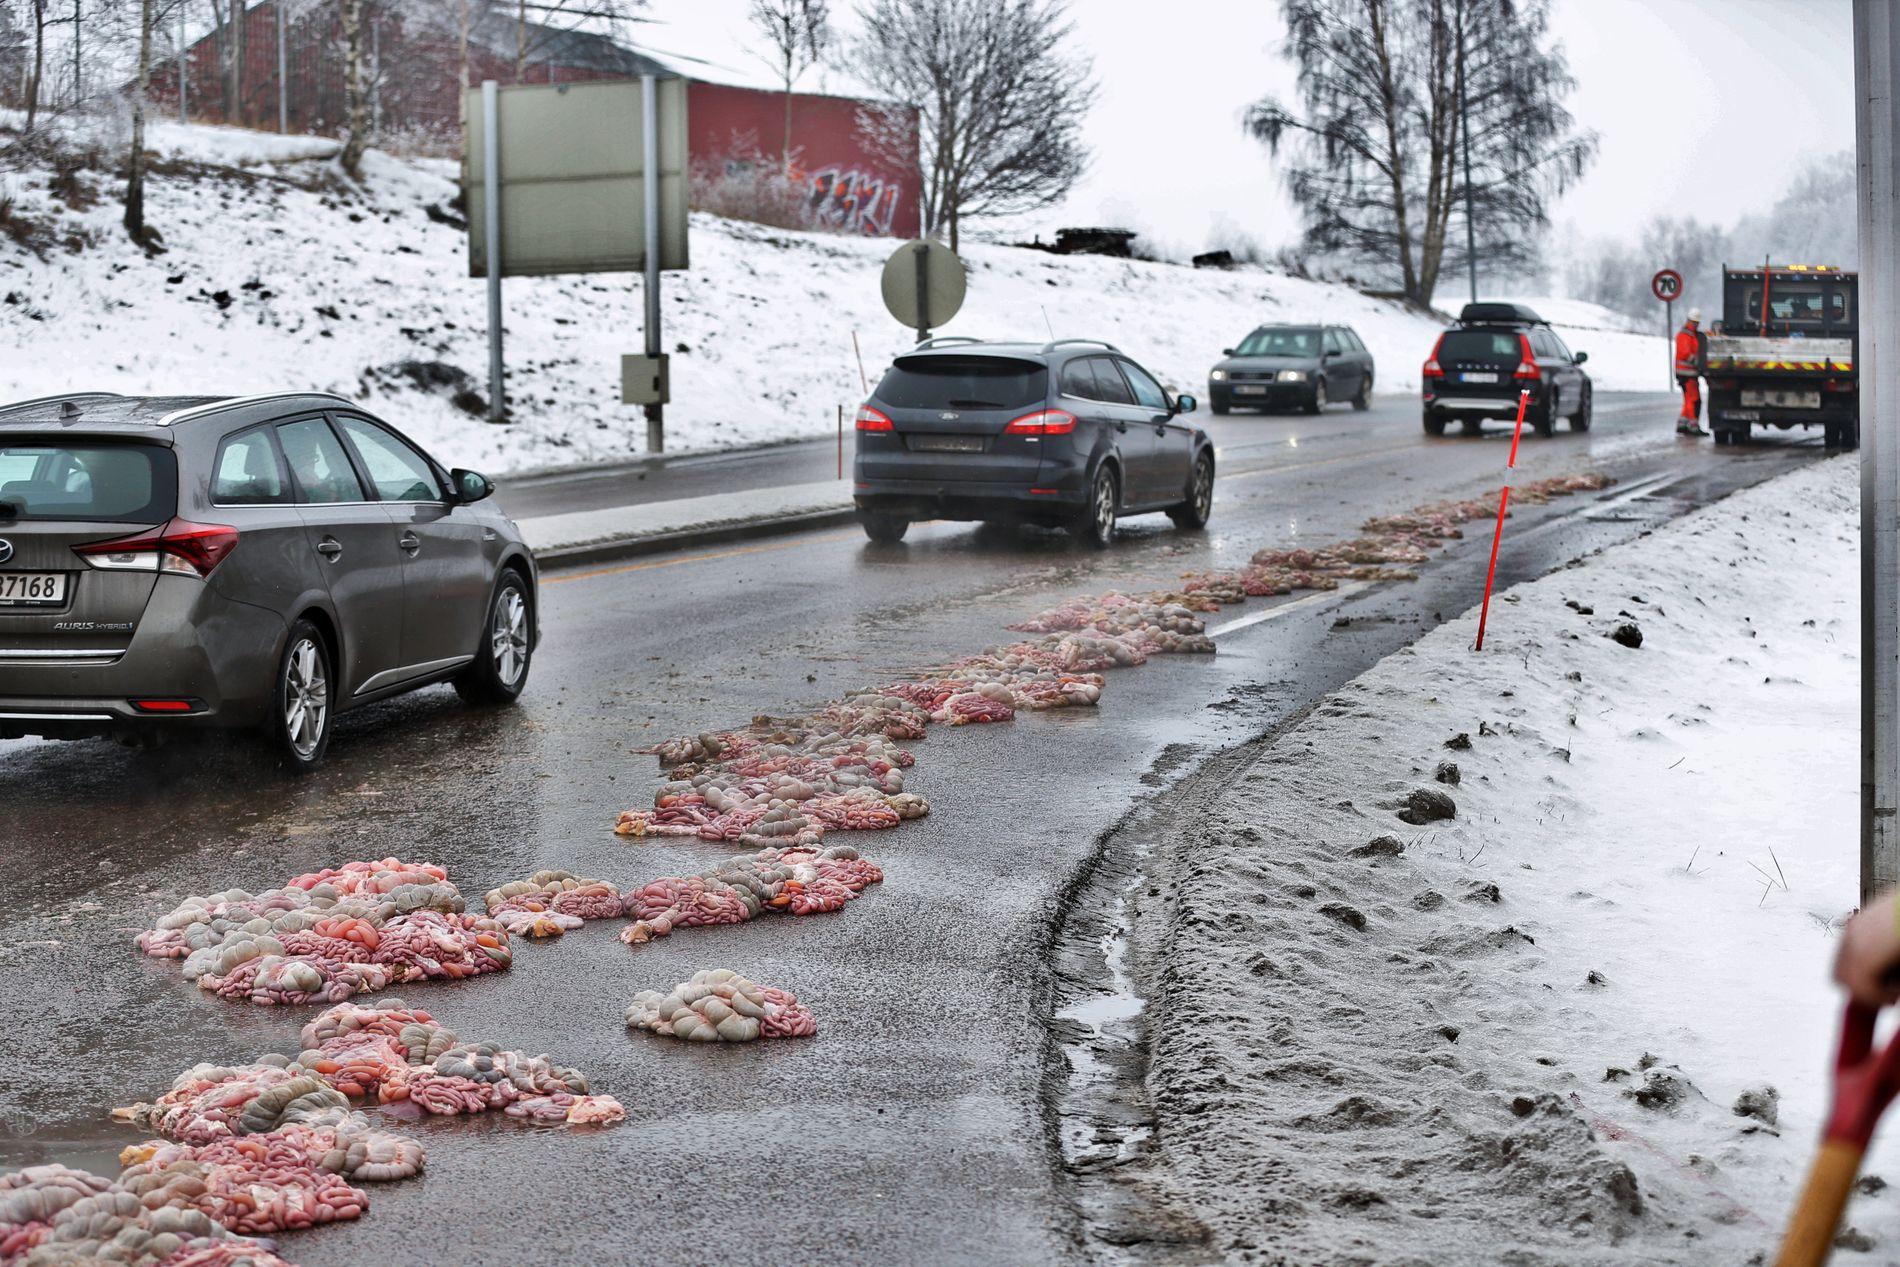 TARMLENGDES AVSTAND: På en sidevei til E18 i Sandefjord ligger innvollene strødd.